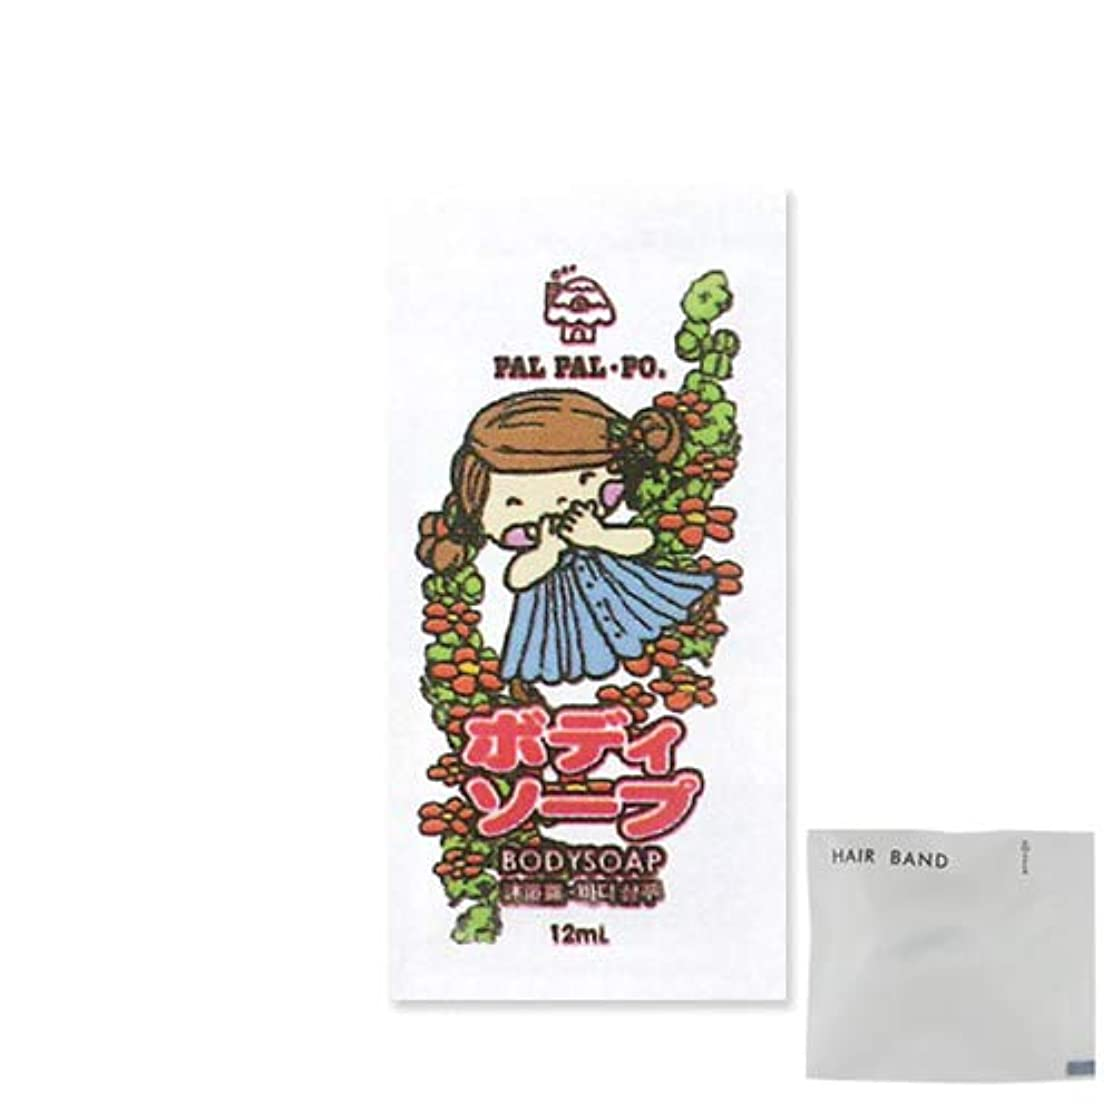 発掘する散文市長パルパルポー(PAL PAL?PO) 子供用 ボディソープ(12mL) フローラルの香り ×20個セット + ヘアゴム(カラーはおまかせ)セット